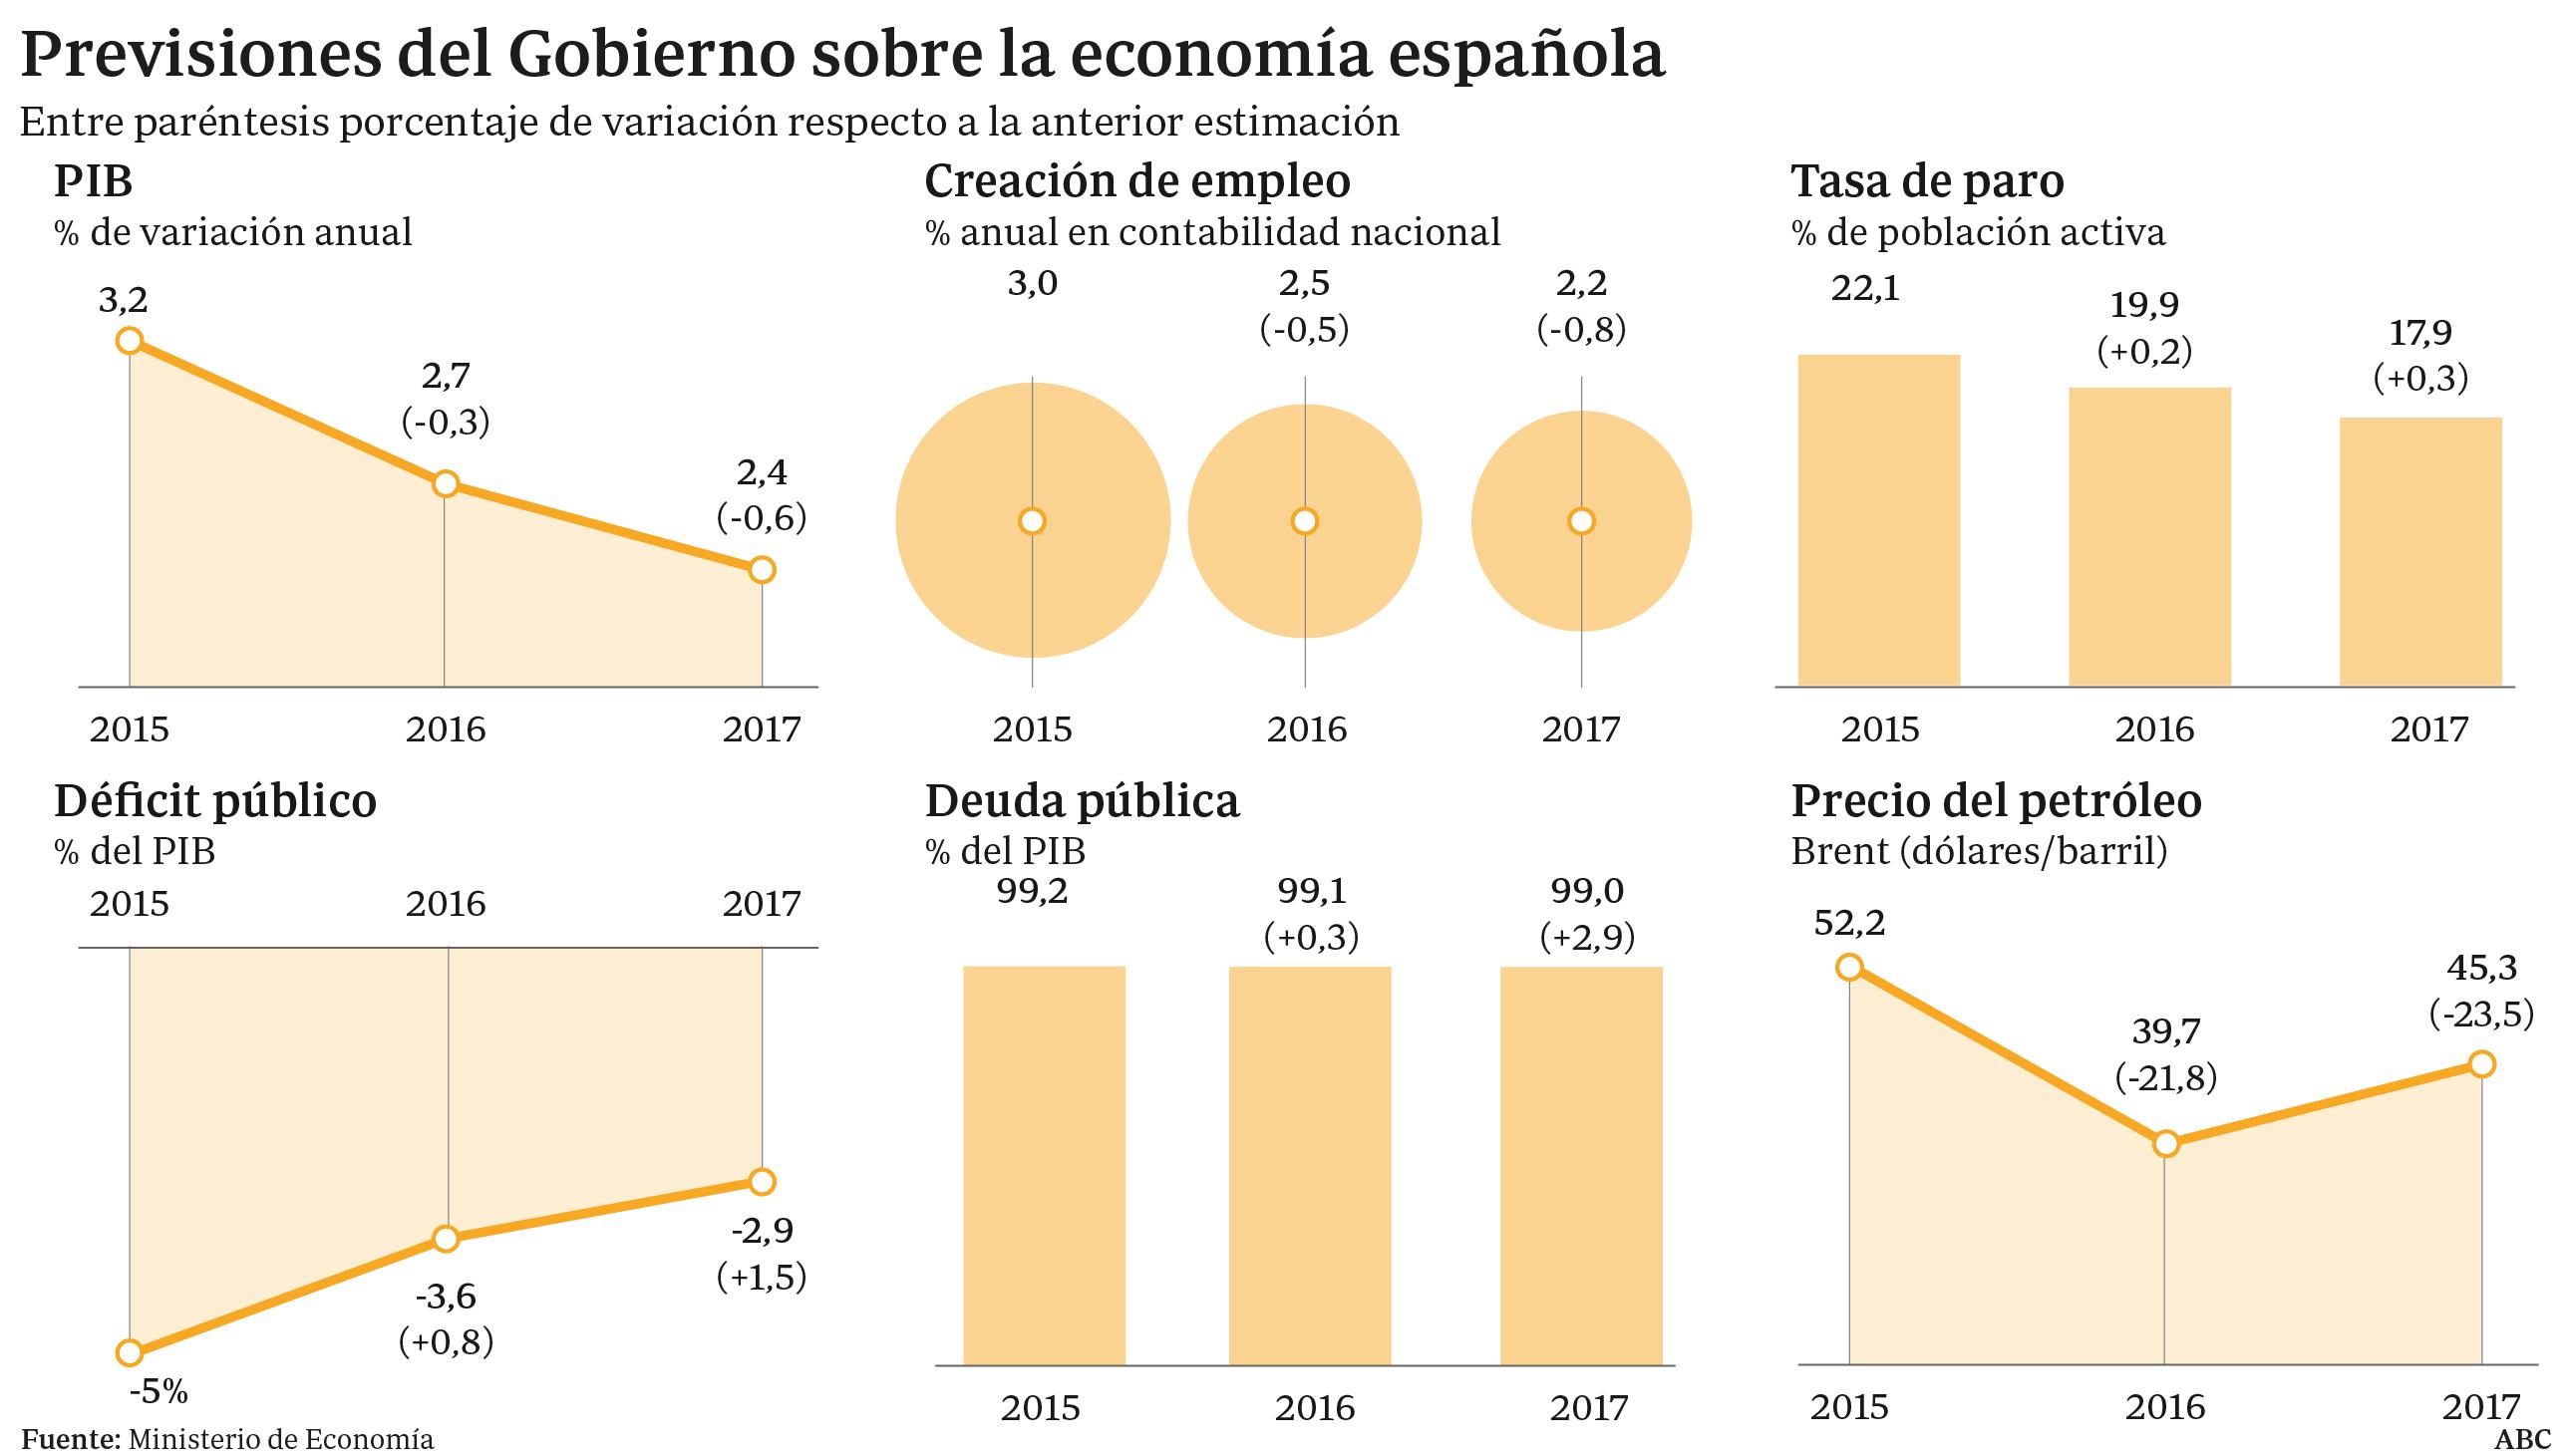 Revisión de las previsiones del Gobierno